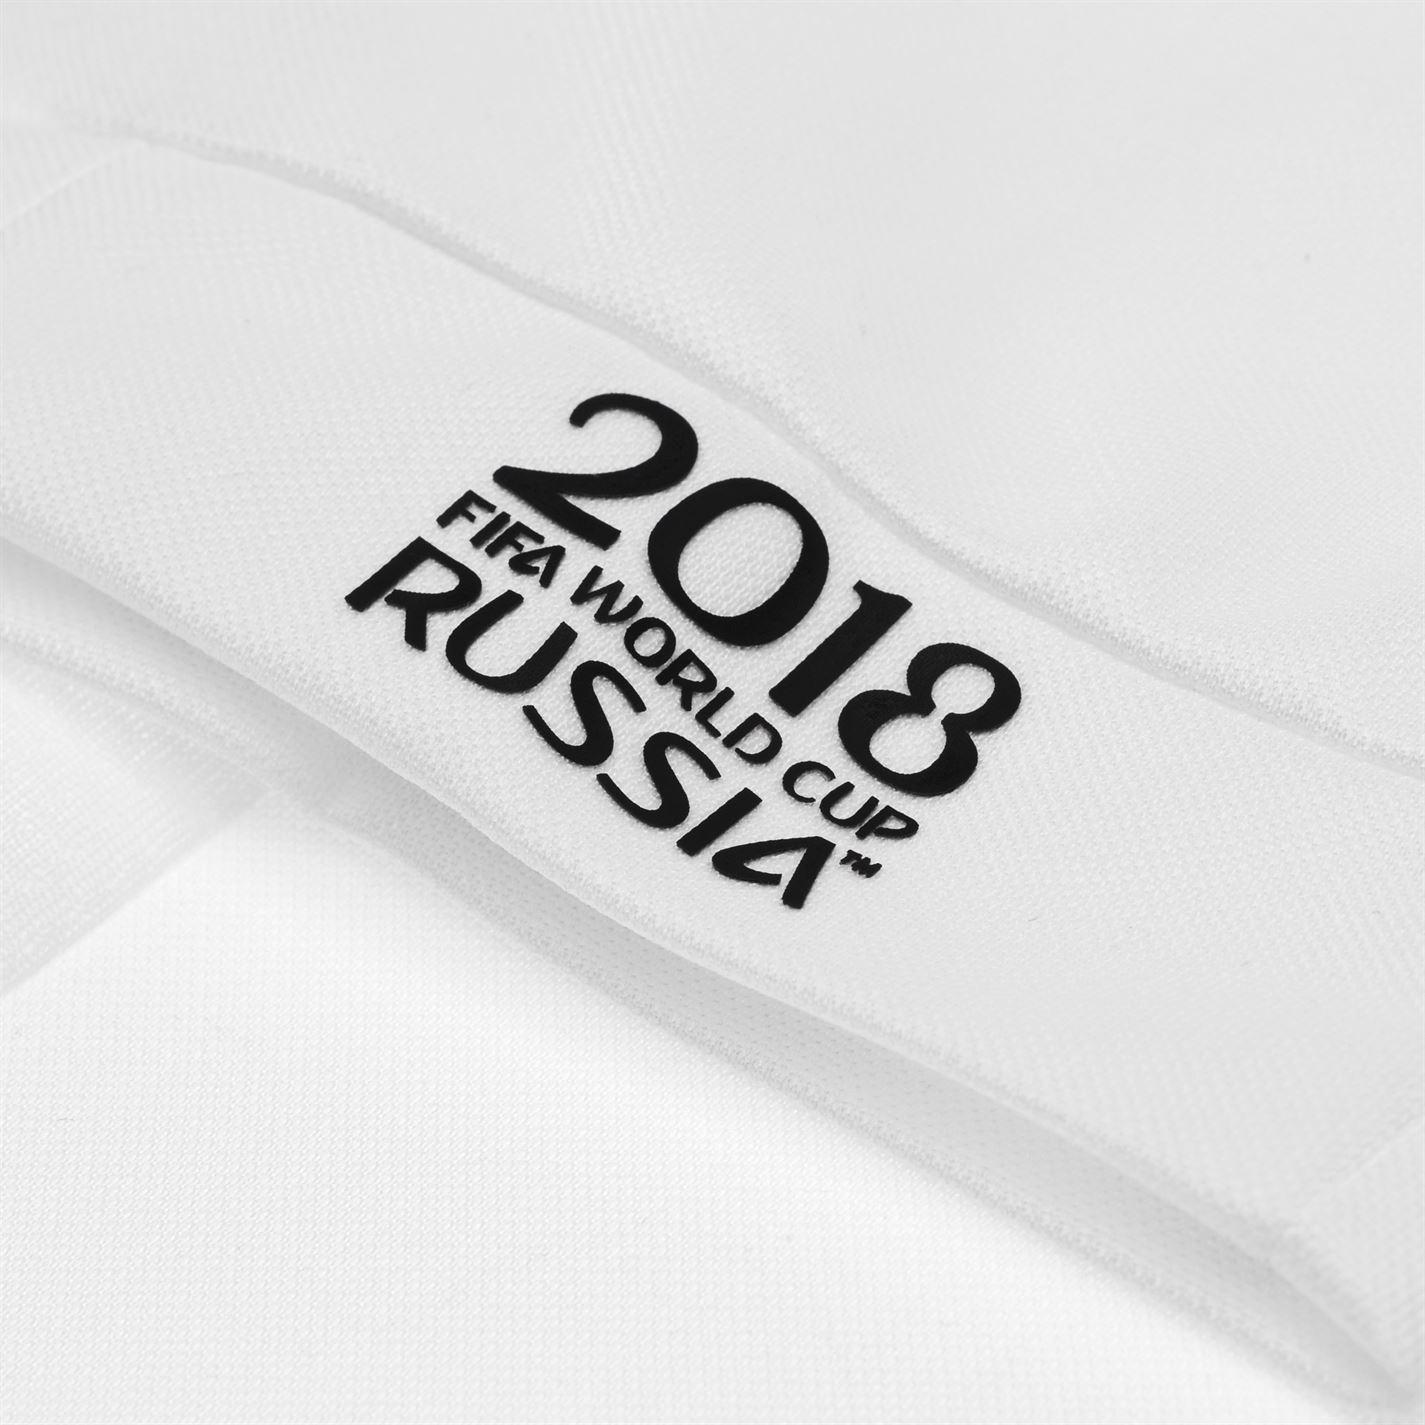 miniature 16 - FIFA Coupe du monde 2018 Angleterre T-Shirt Juniors FOOTBALL SOCCER top tee shirt